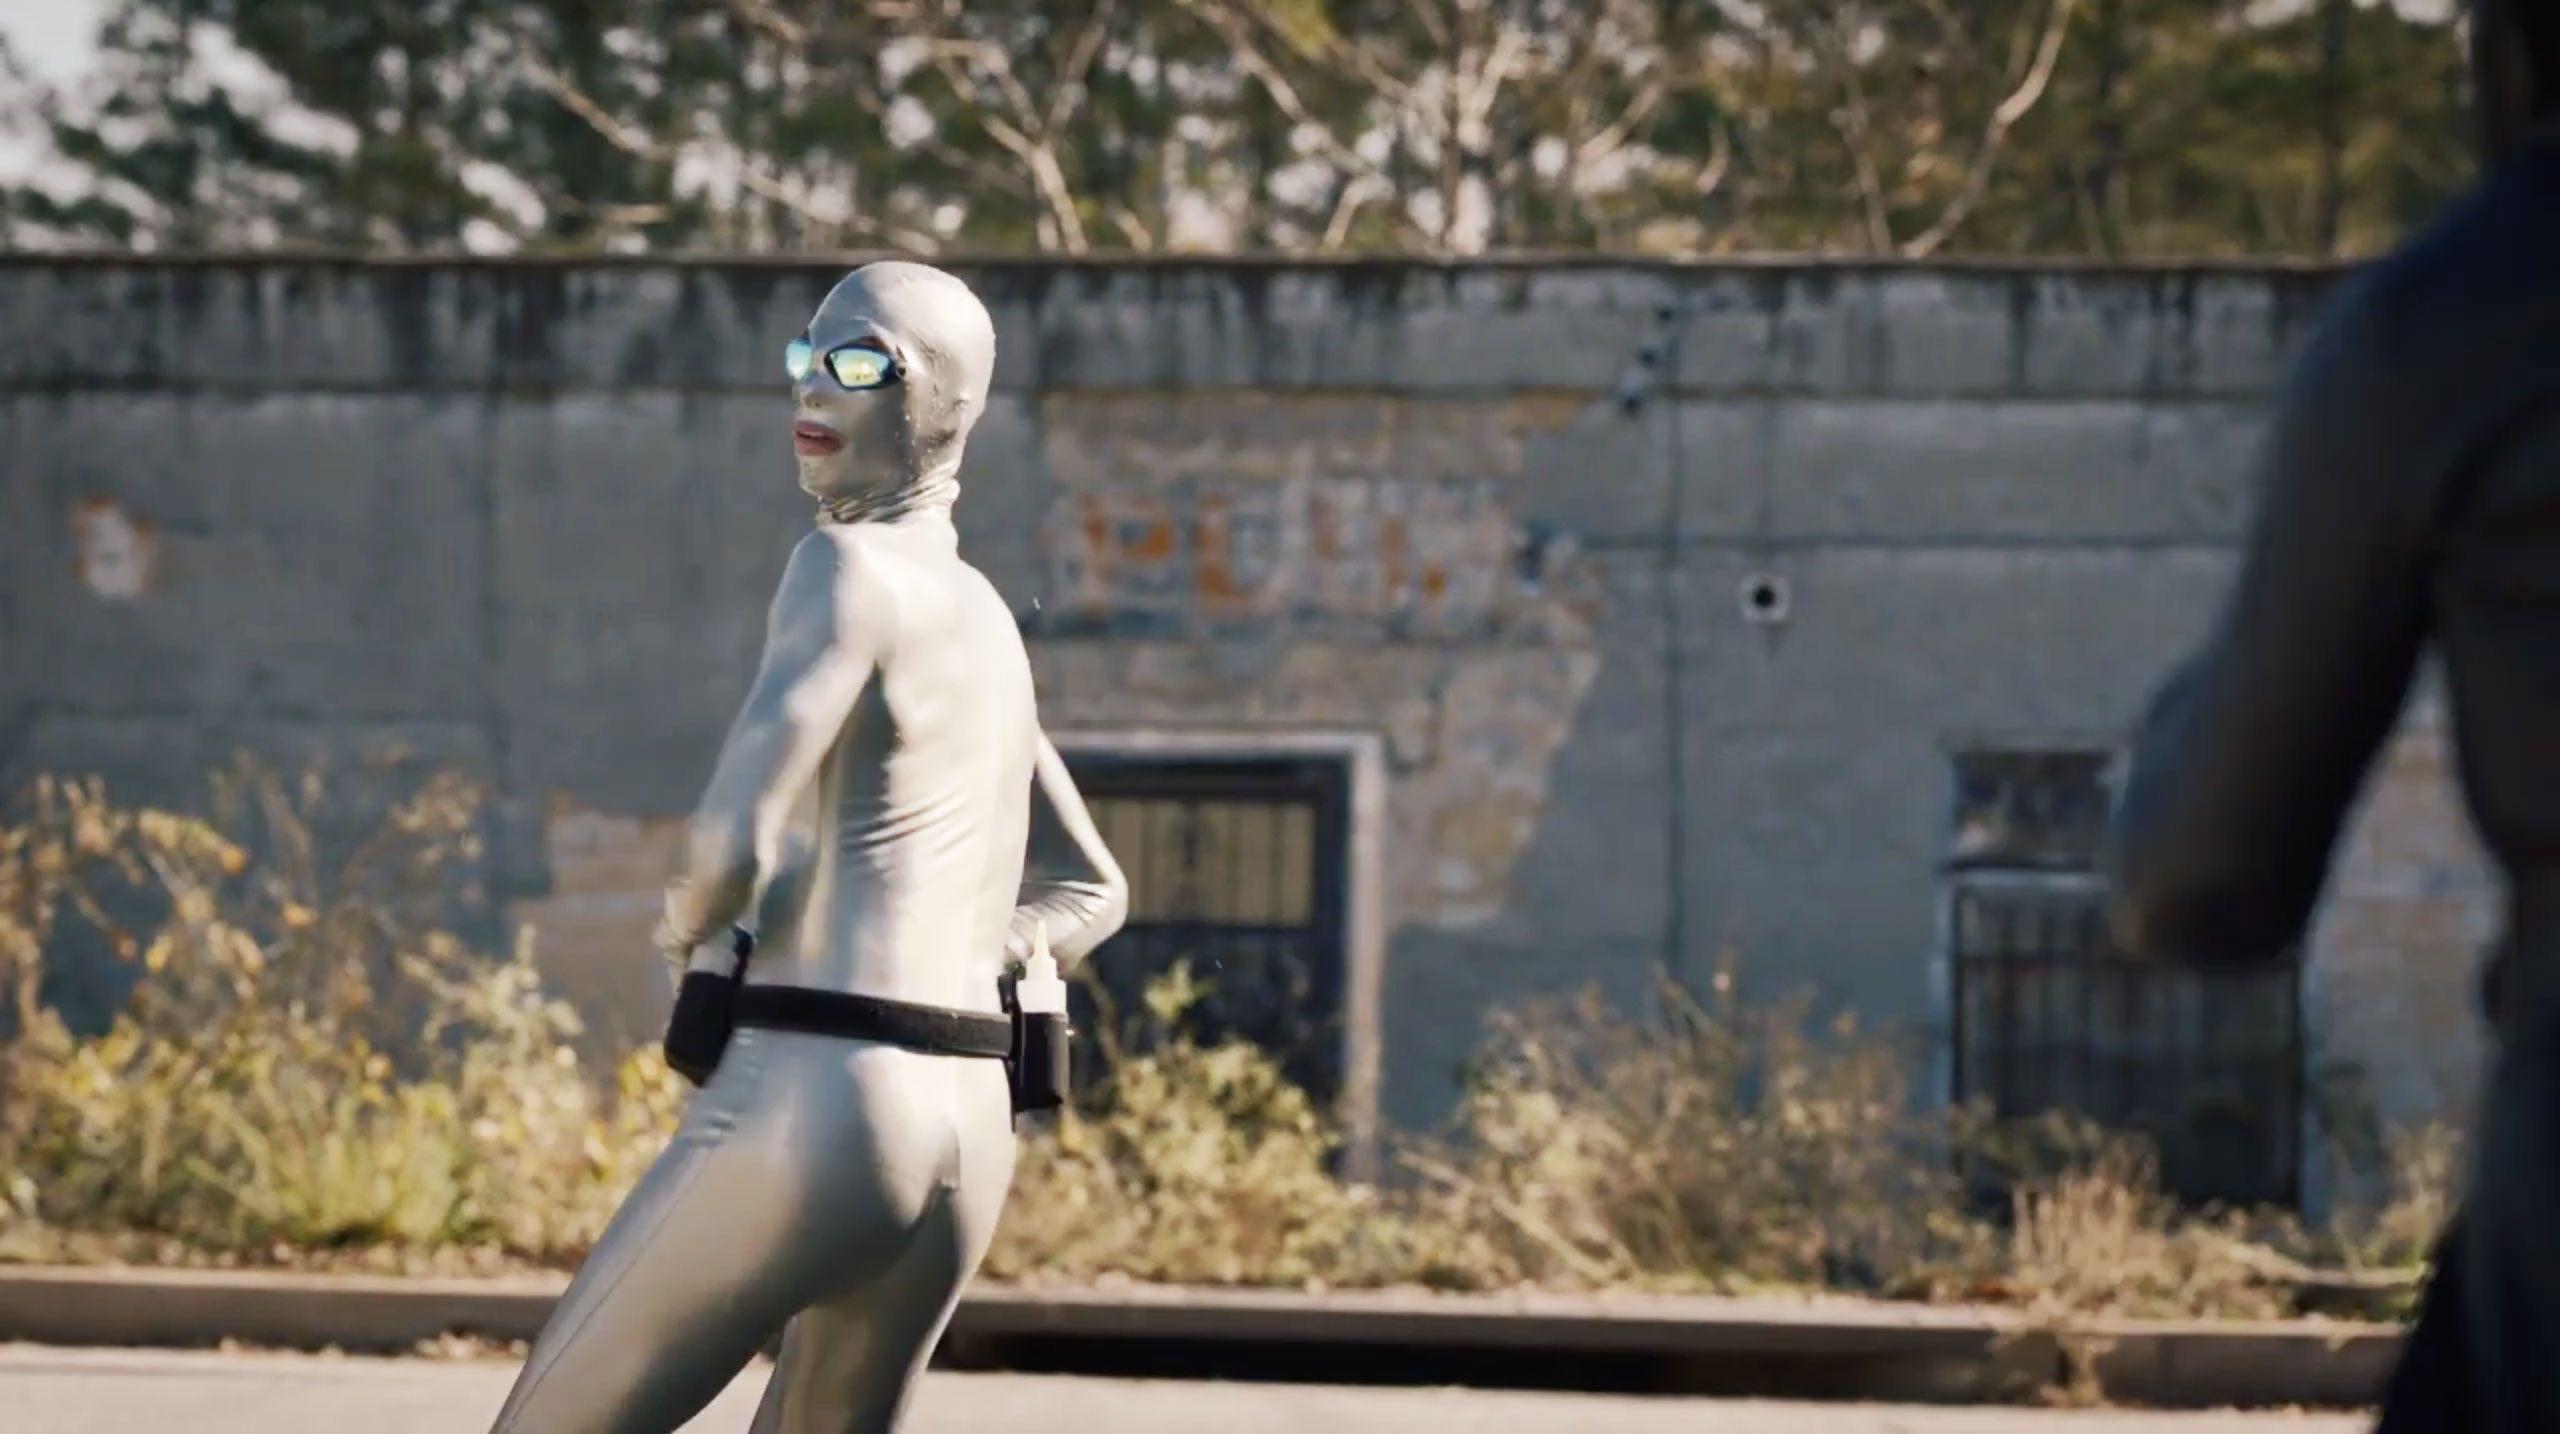 【娛樂文化解答】所以《守護者》的影集宇宙裡這位「潤滑油俠」其真身究竟是誰?